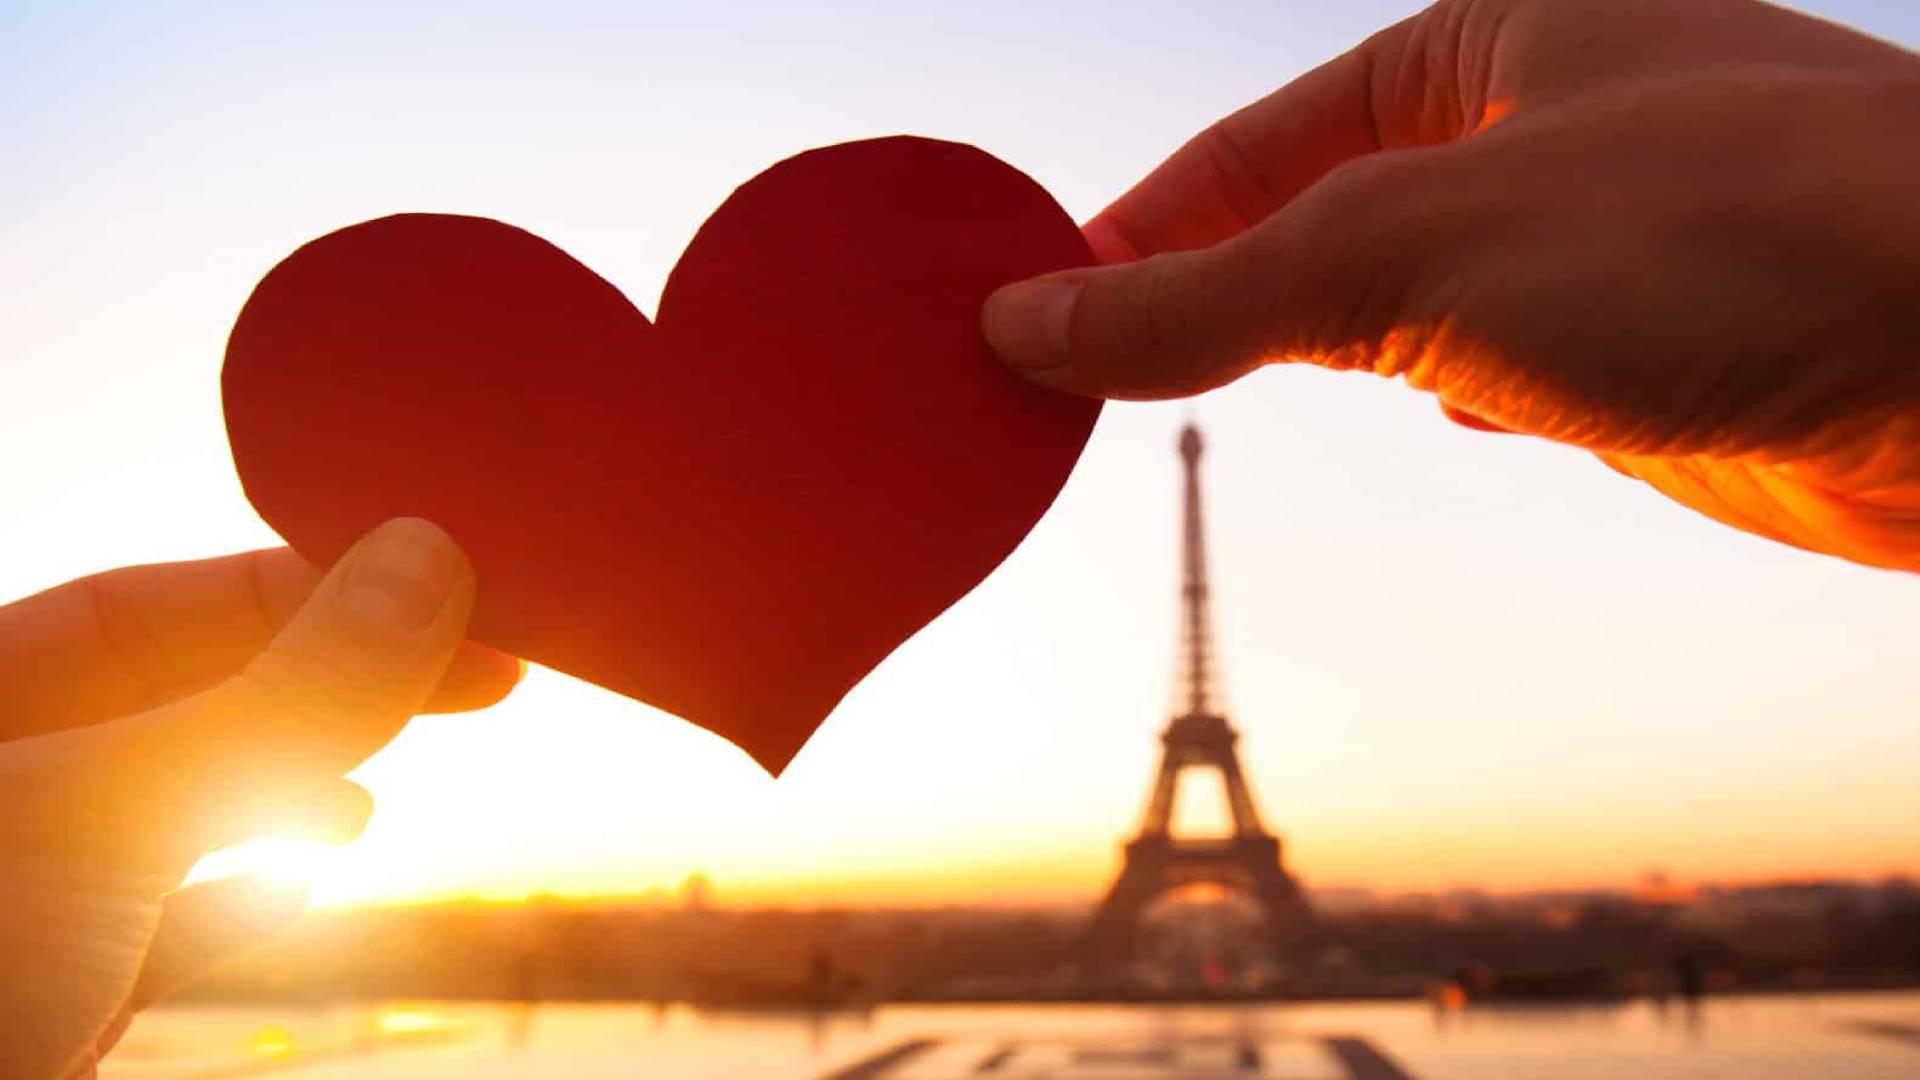 वेलेंटाइन वीक 2020: 7-14 फरवरी यूं होगा इश्क का इजहार, जानिए किस दिन सेलीब्रेट होगा कौन सा स्पेशल डे